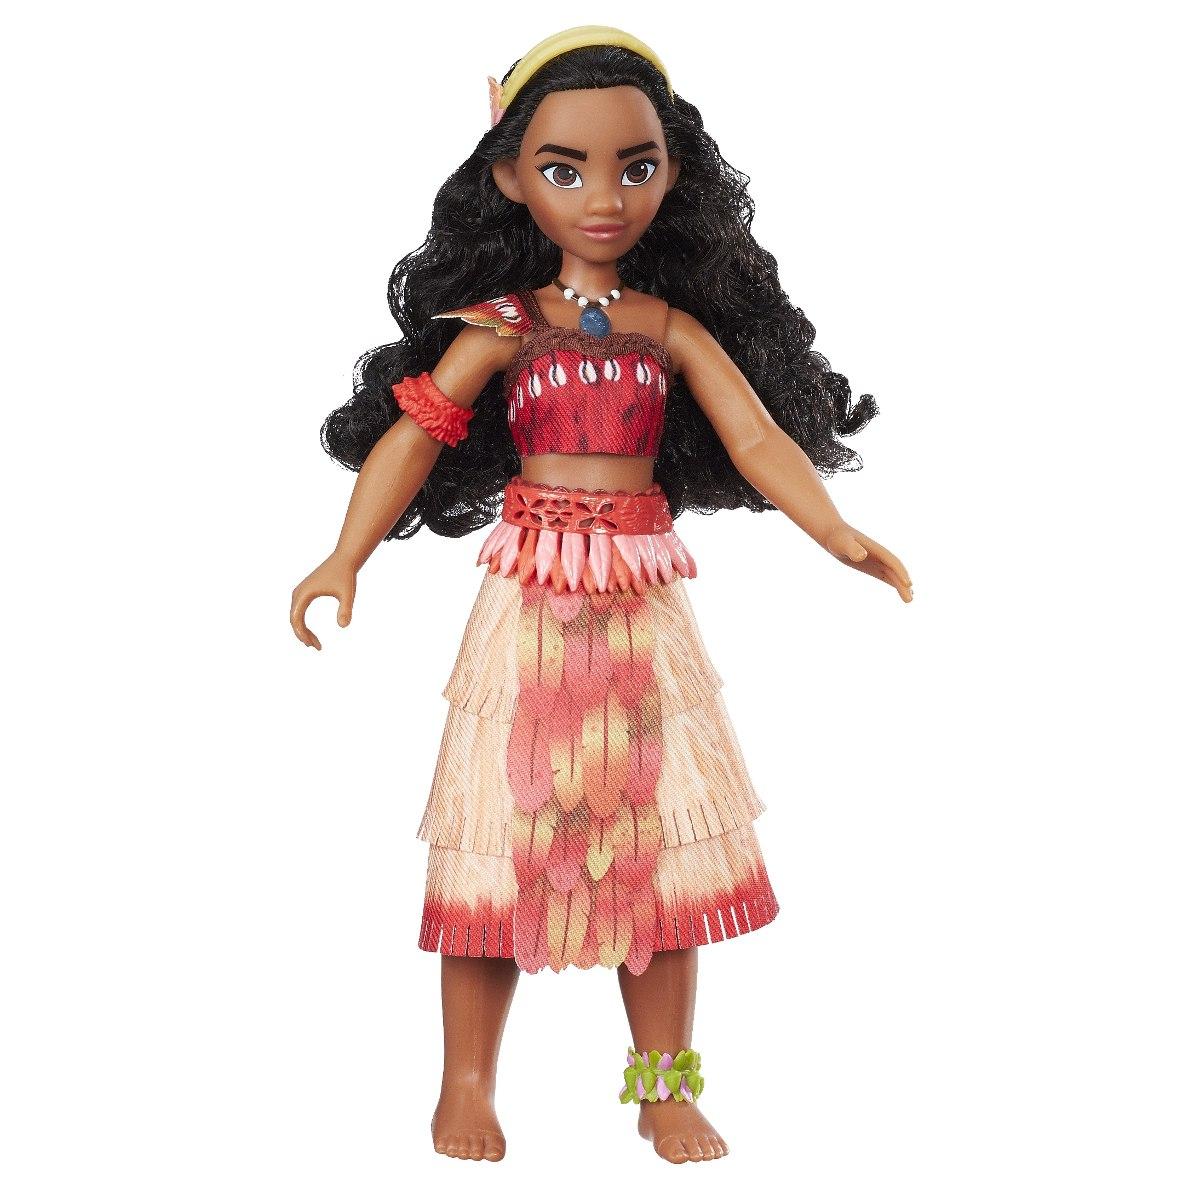 Boneca Disney Princesa Moana Cantora – 25 cm - Hasbro  - Doce Diversão